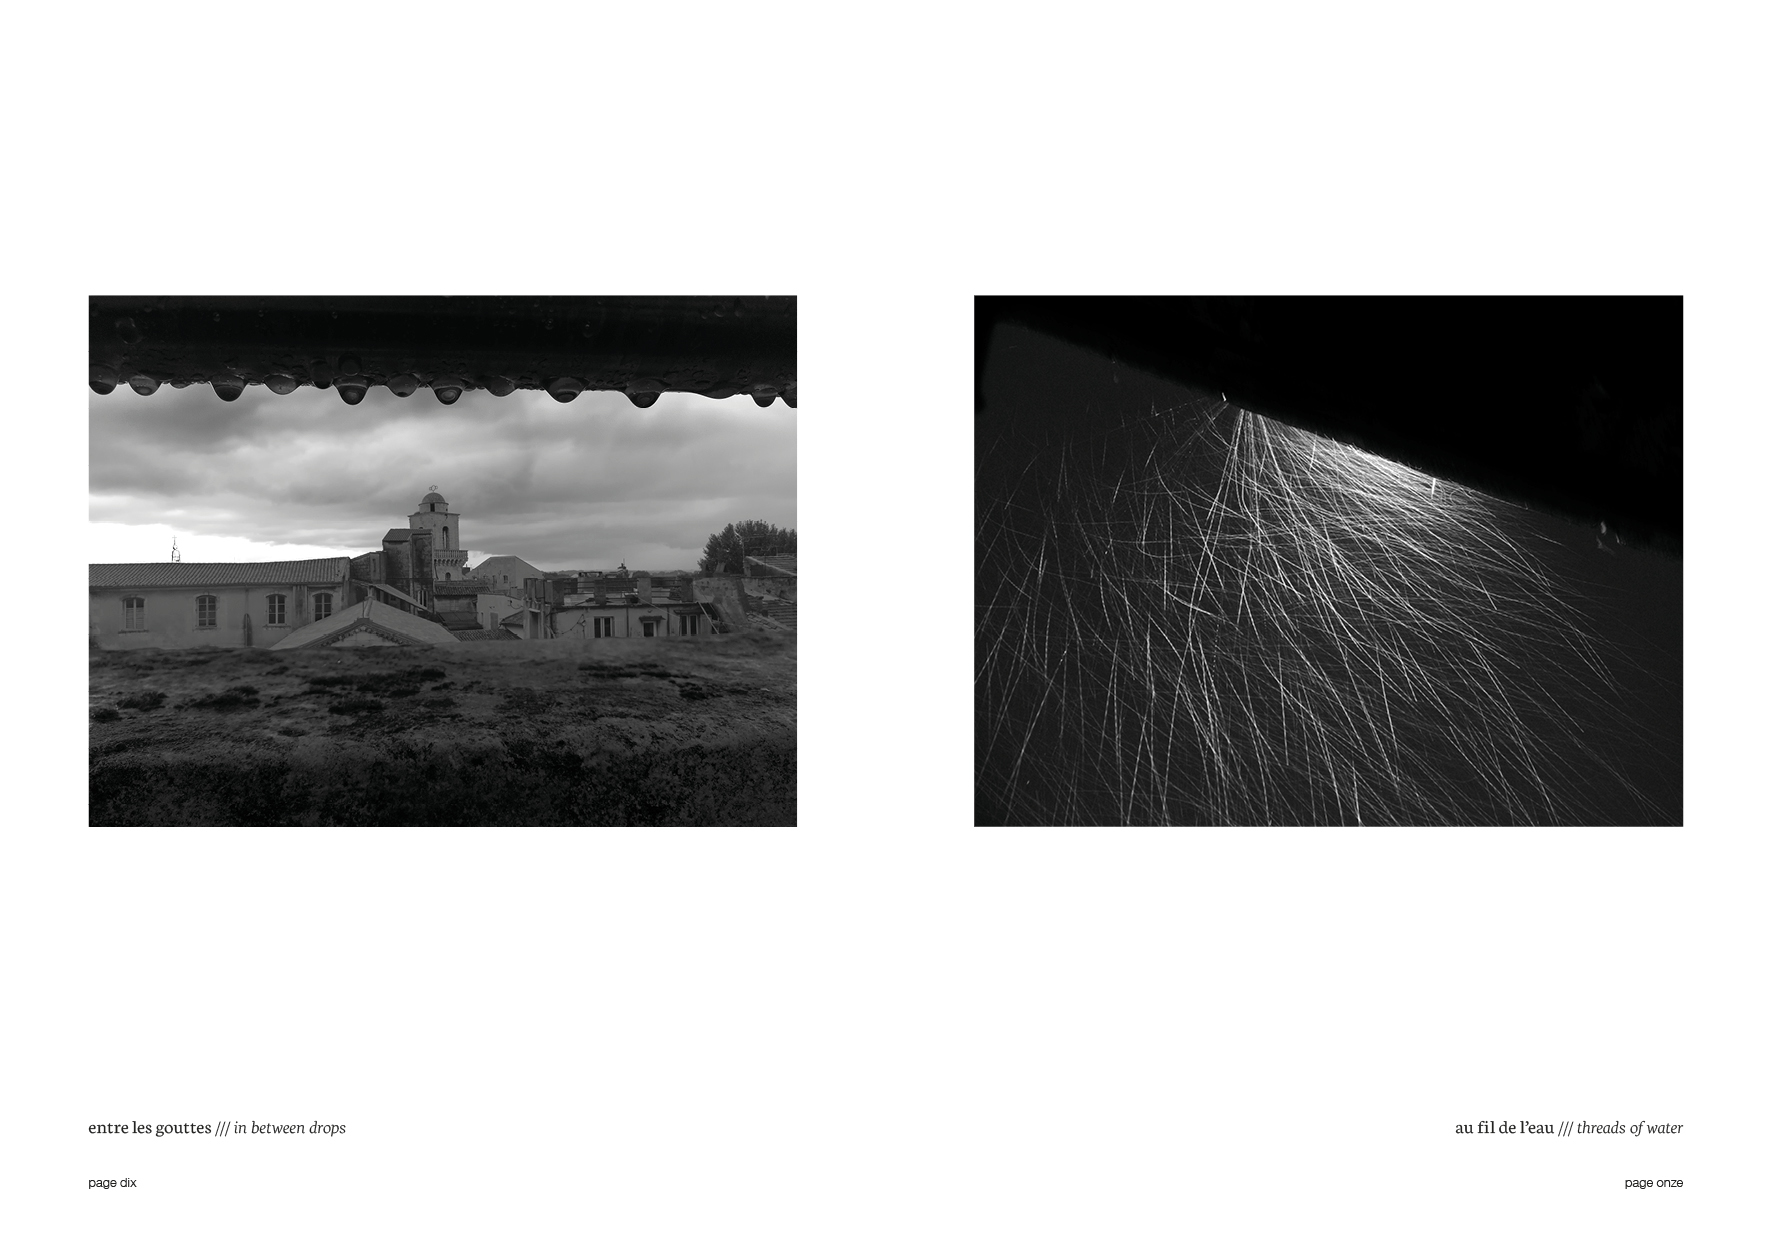 ARLES-sous_la_pluie-p10-11